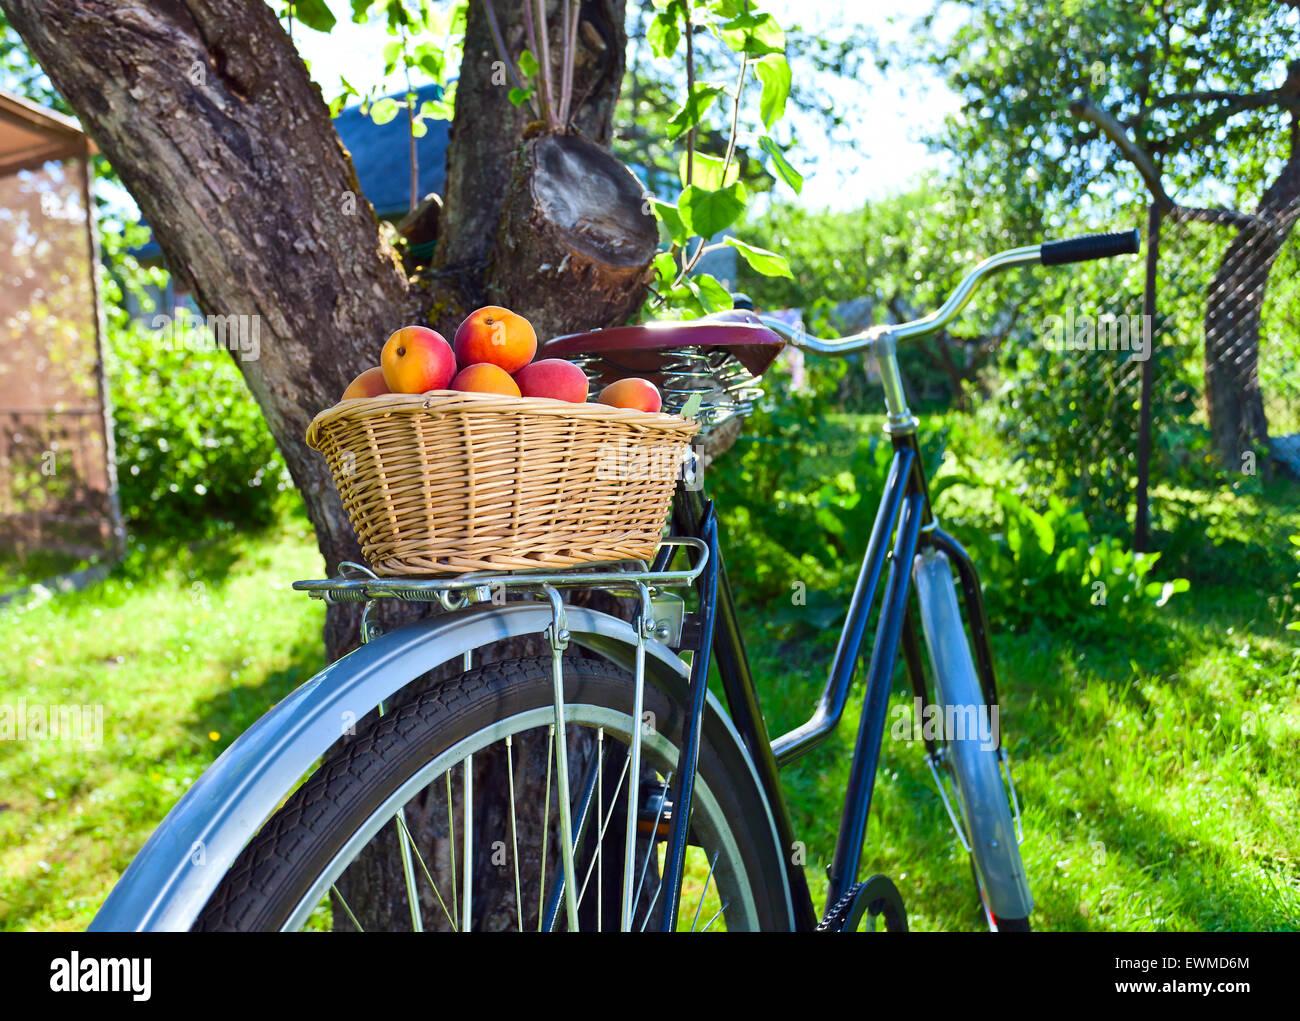 Cesto di succosa albicocca matura in bici in giardino Immagini Stock